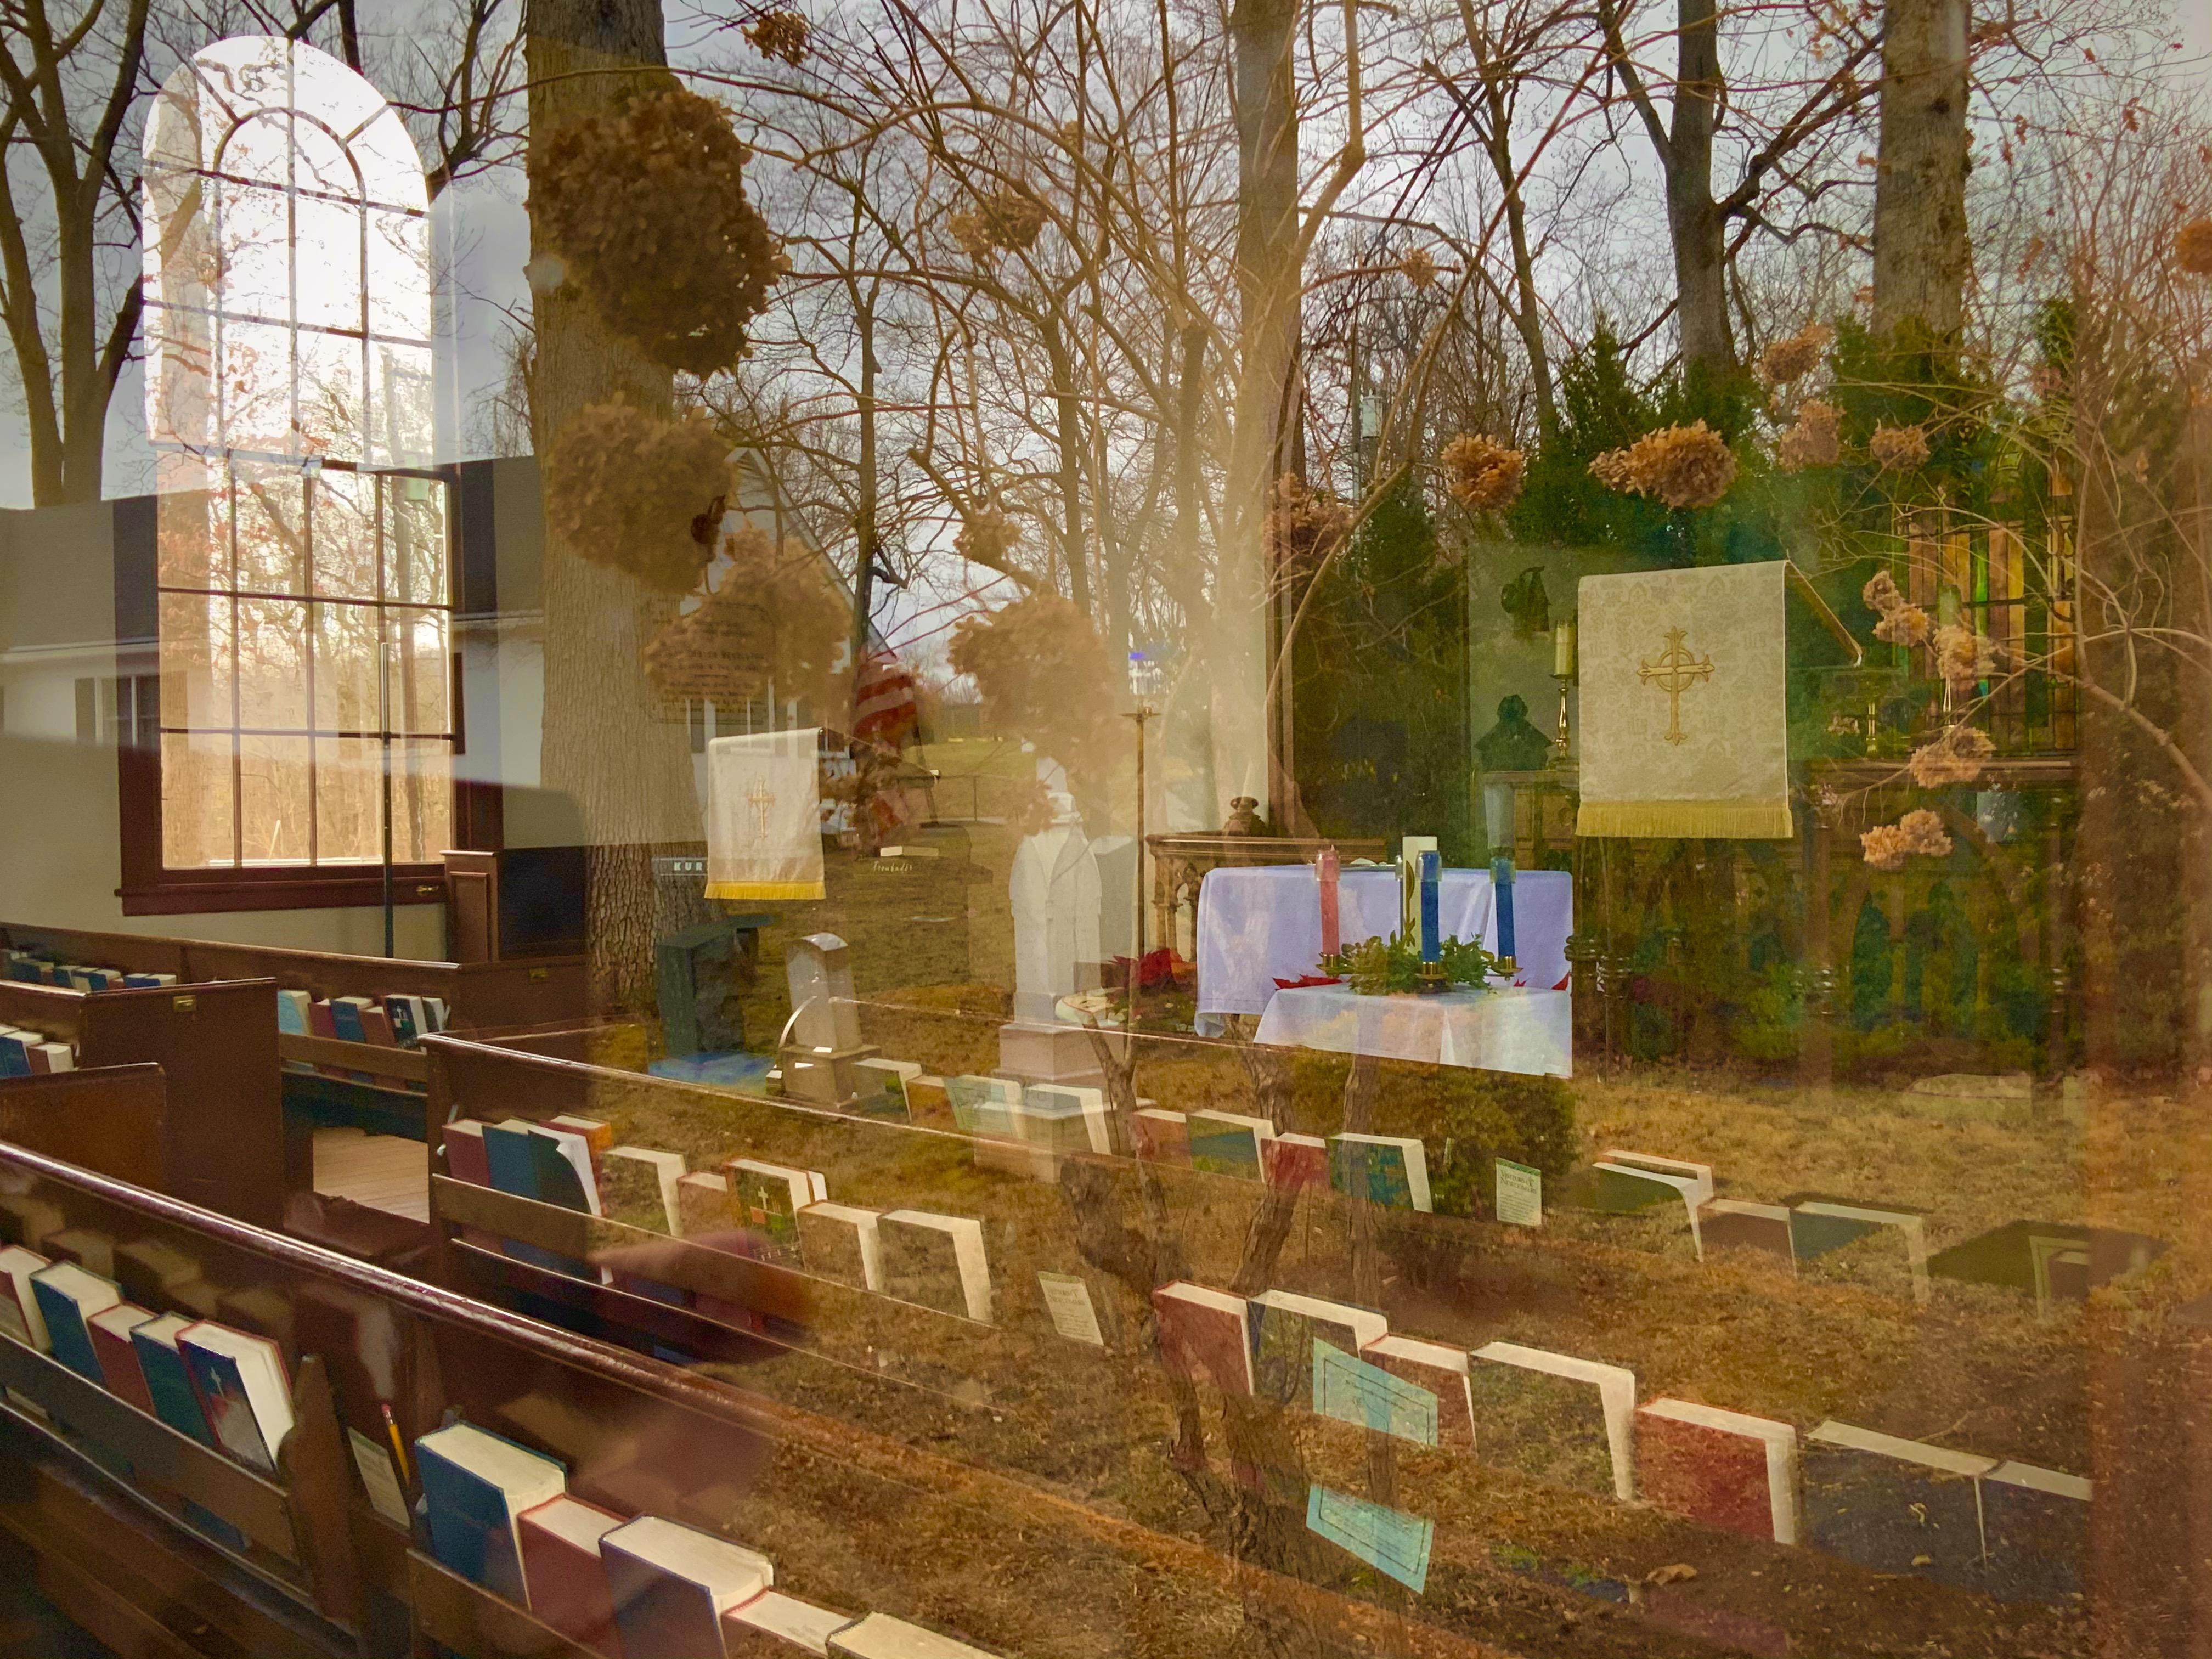 Pyles, Gomer-Spiritual Dwelling